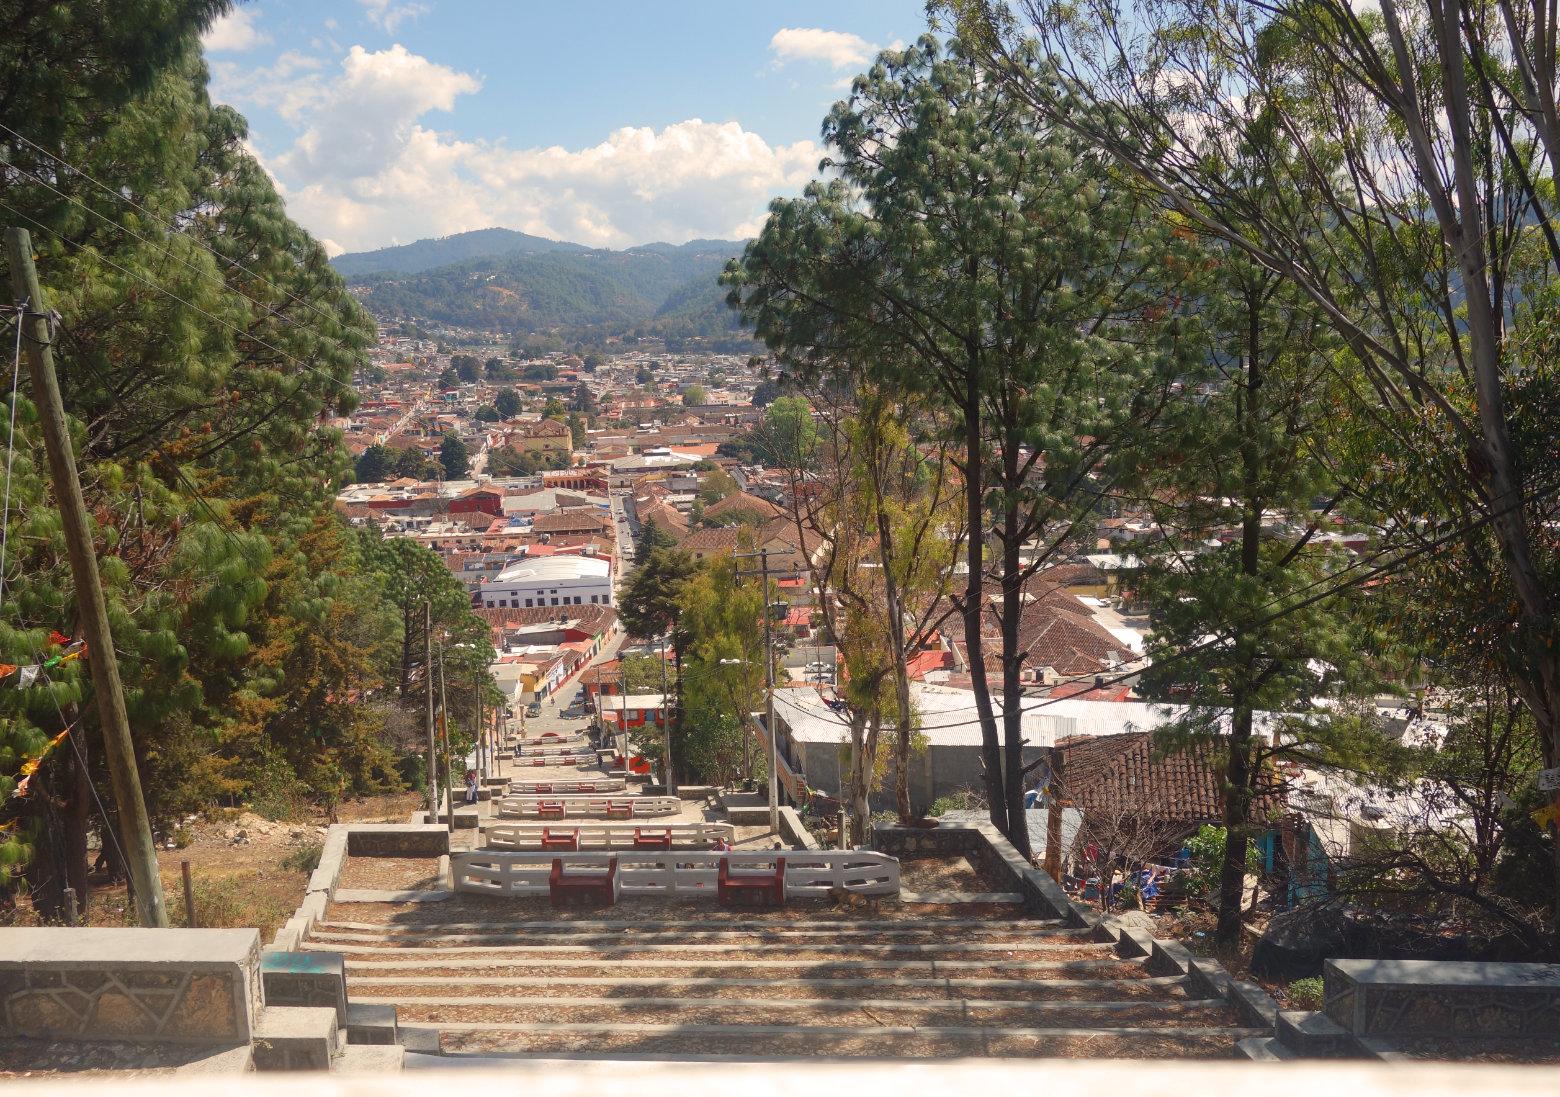 Mexiko San Cristobal Blick auf die Stadt